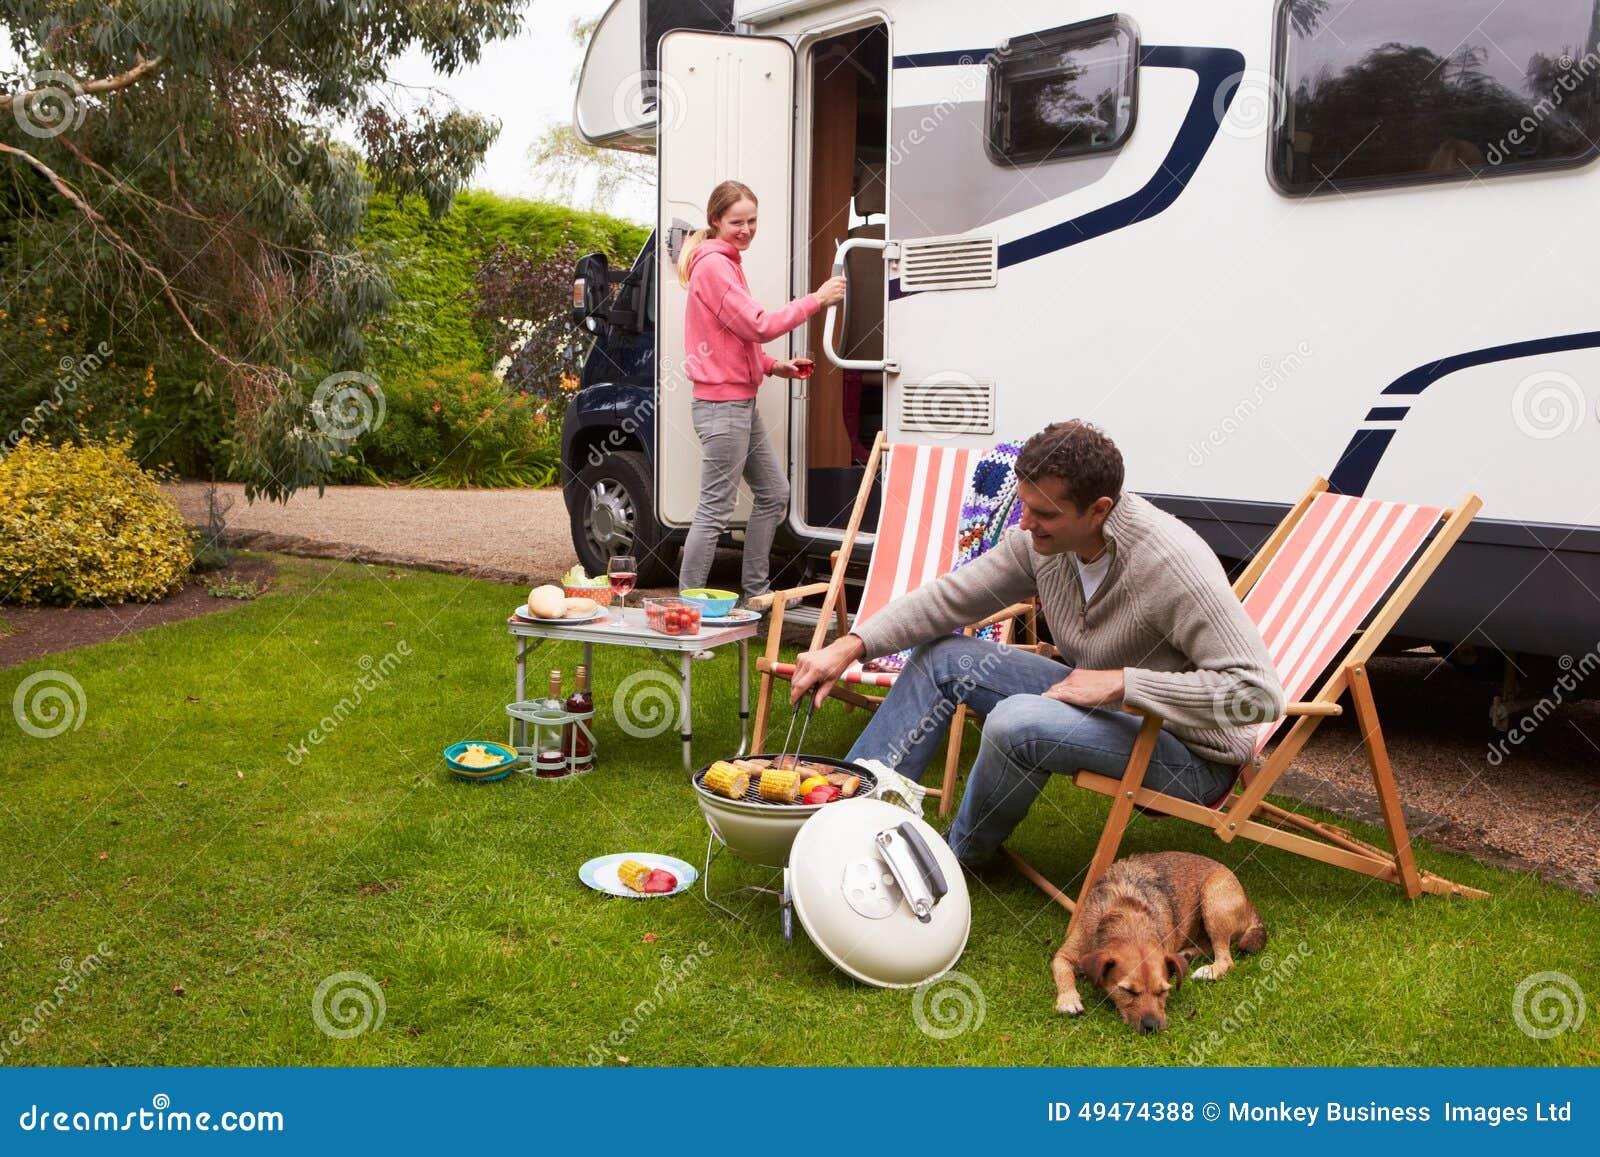 Paar in Van Enjoying Barbeque On Camping-Vakantie